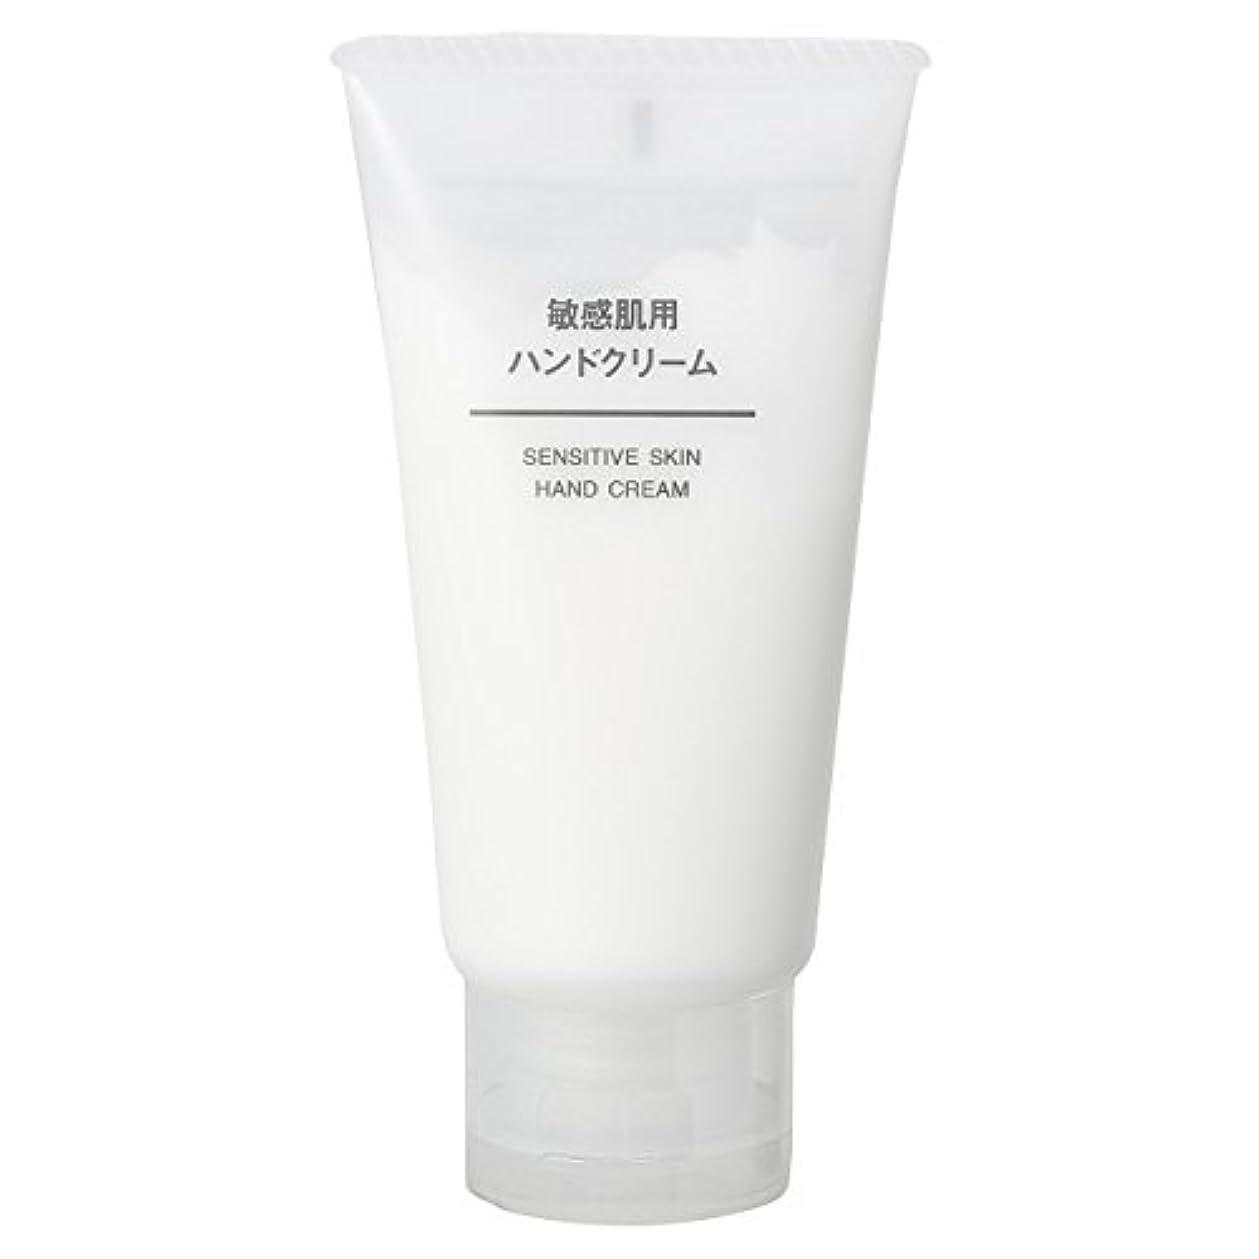 涙が出る入学する無実無印良品 敏感肌用 ハンドクリーム 50g 日本製